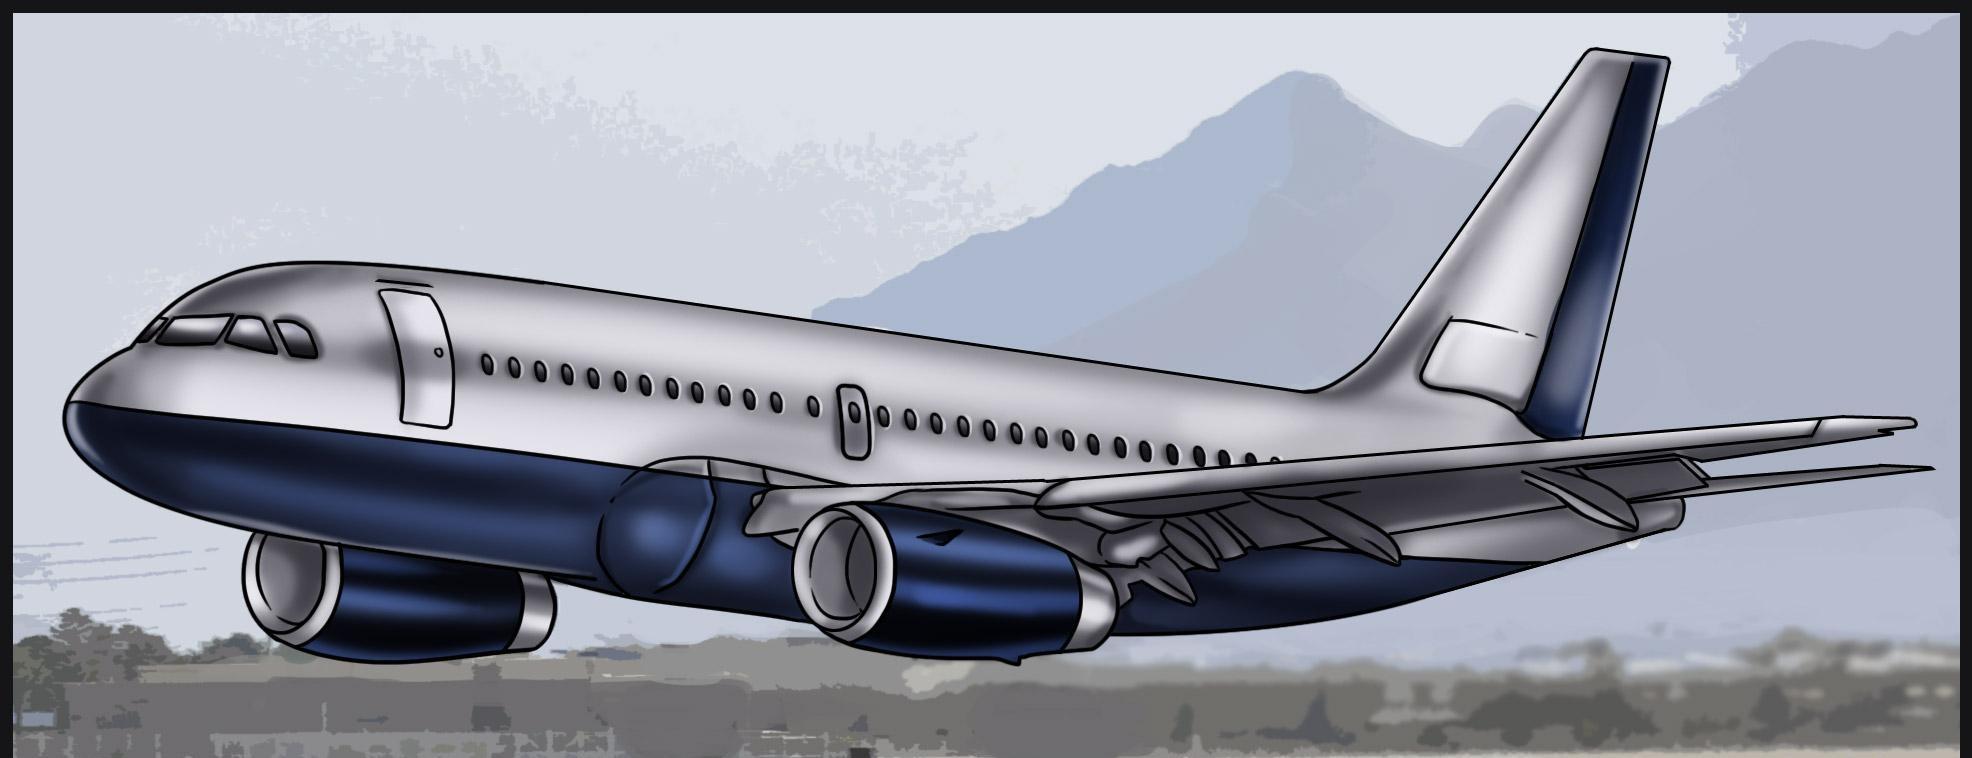 Como Desenhar Um Aviao Muito Facil Aprender A Desenhar